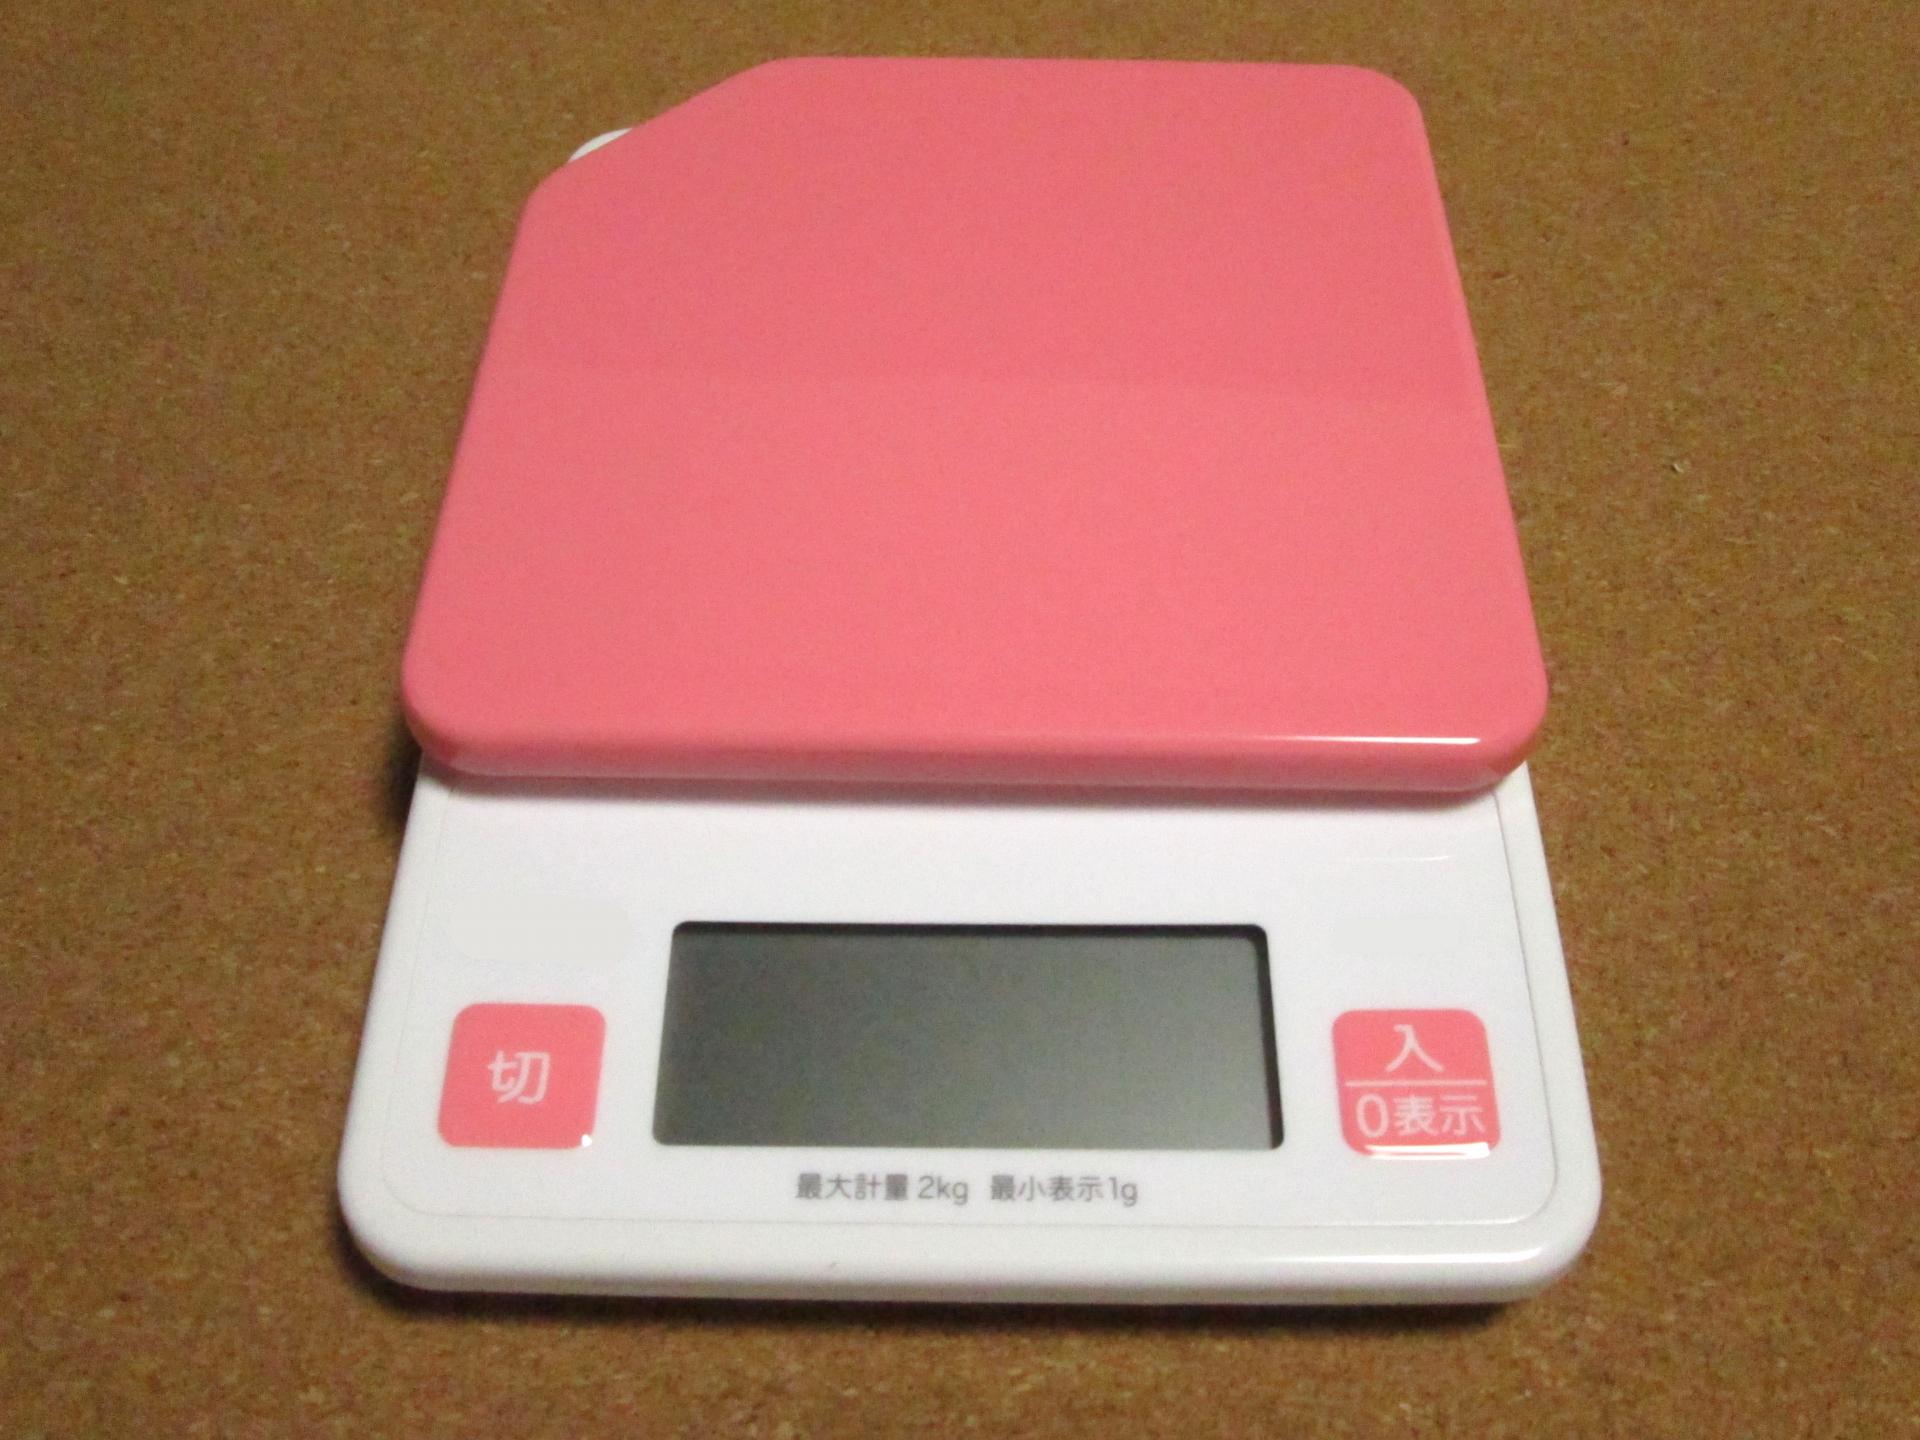 封筒の重さを測って切手の値段を算出